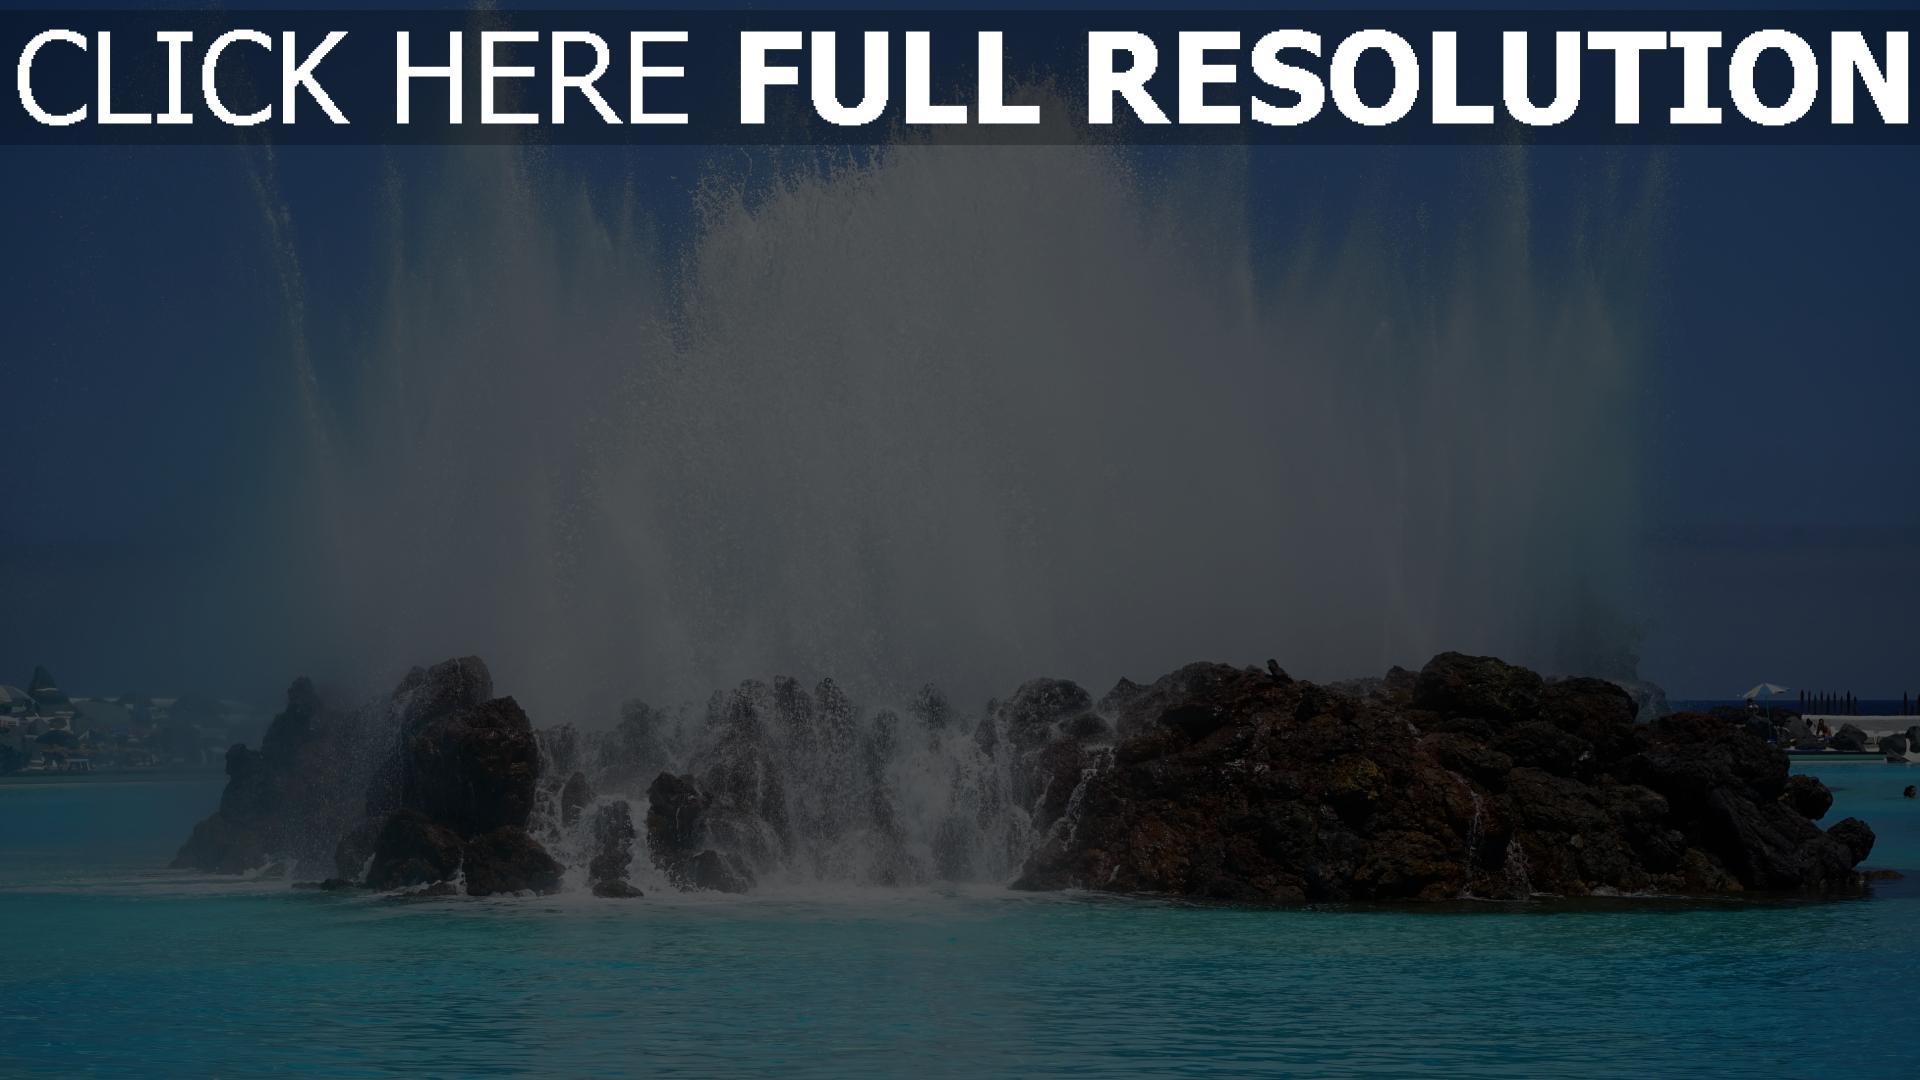 Herunterladen 1920x1080 Full Hd Hintergrundbilder Steine Wasser